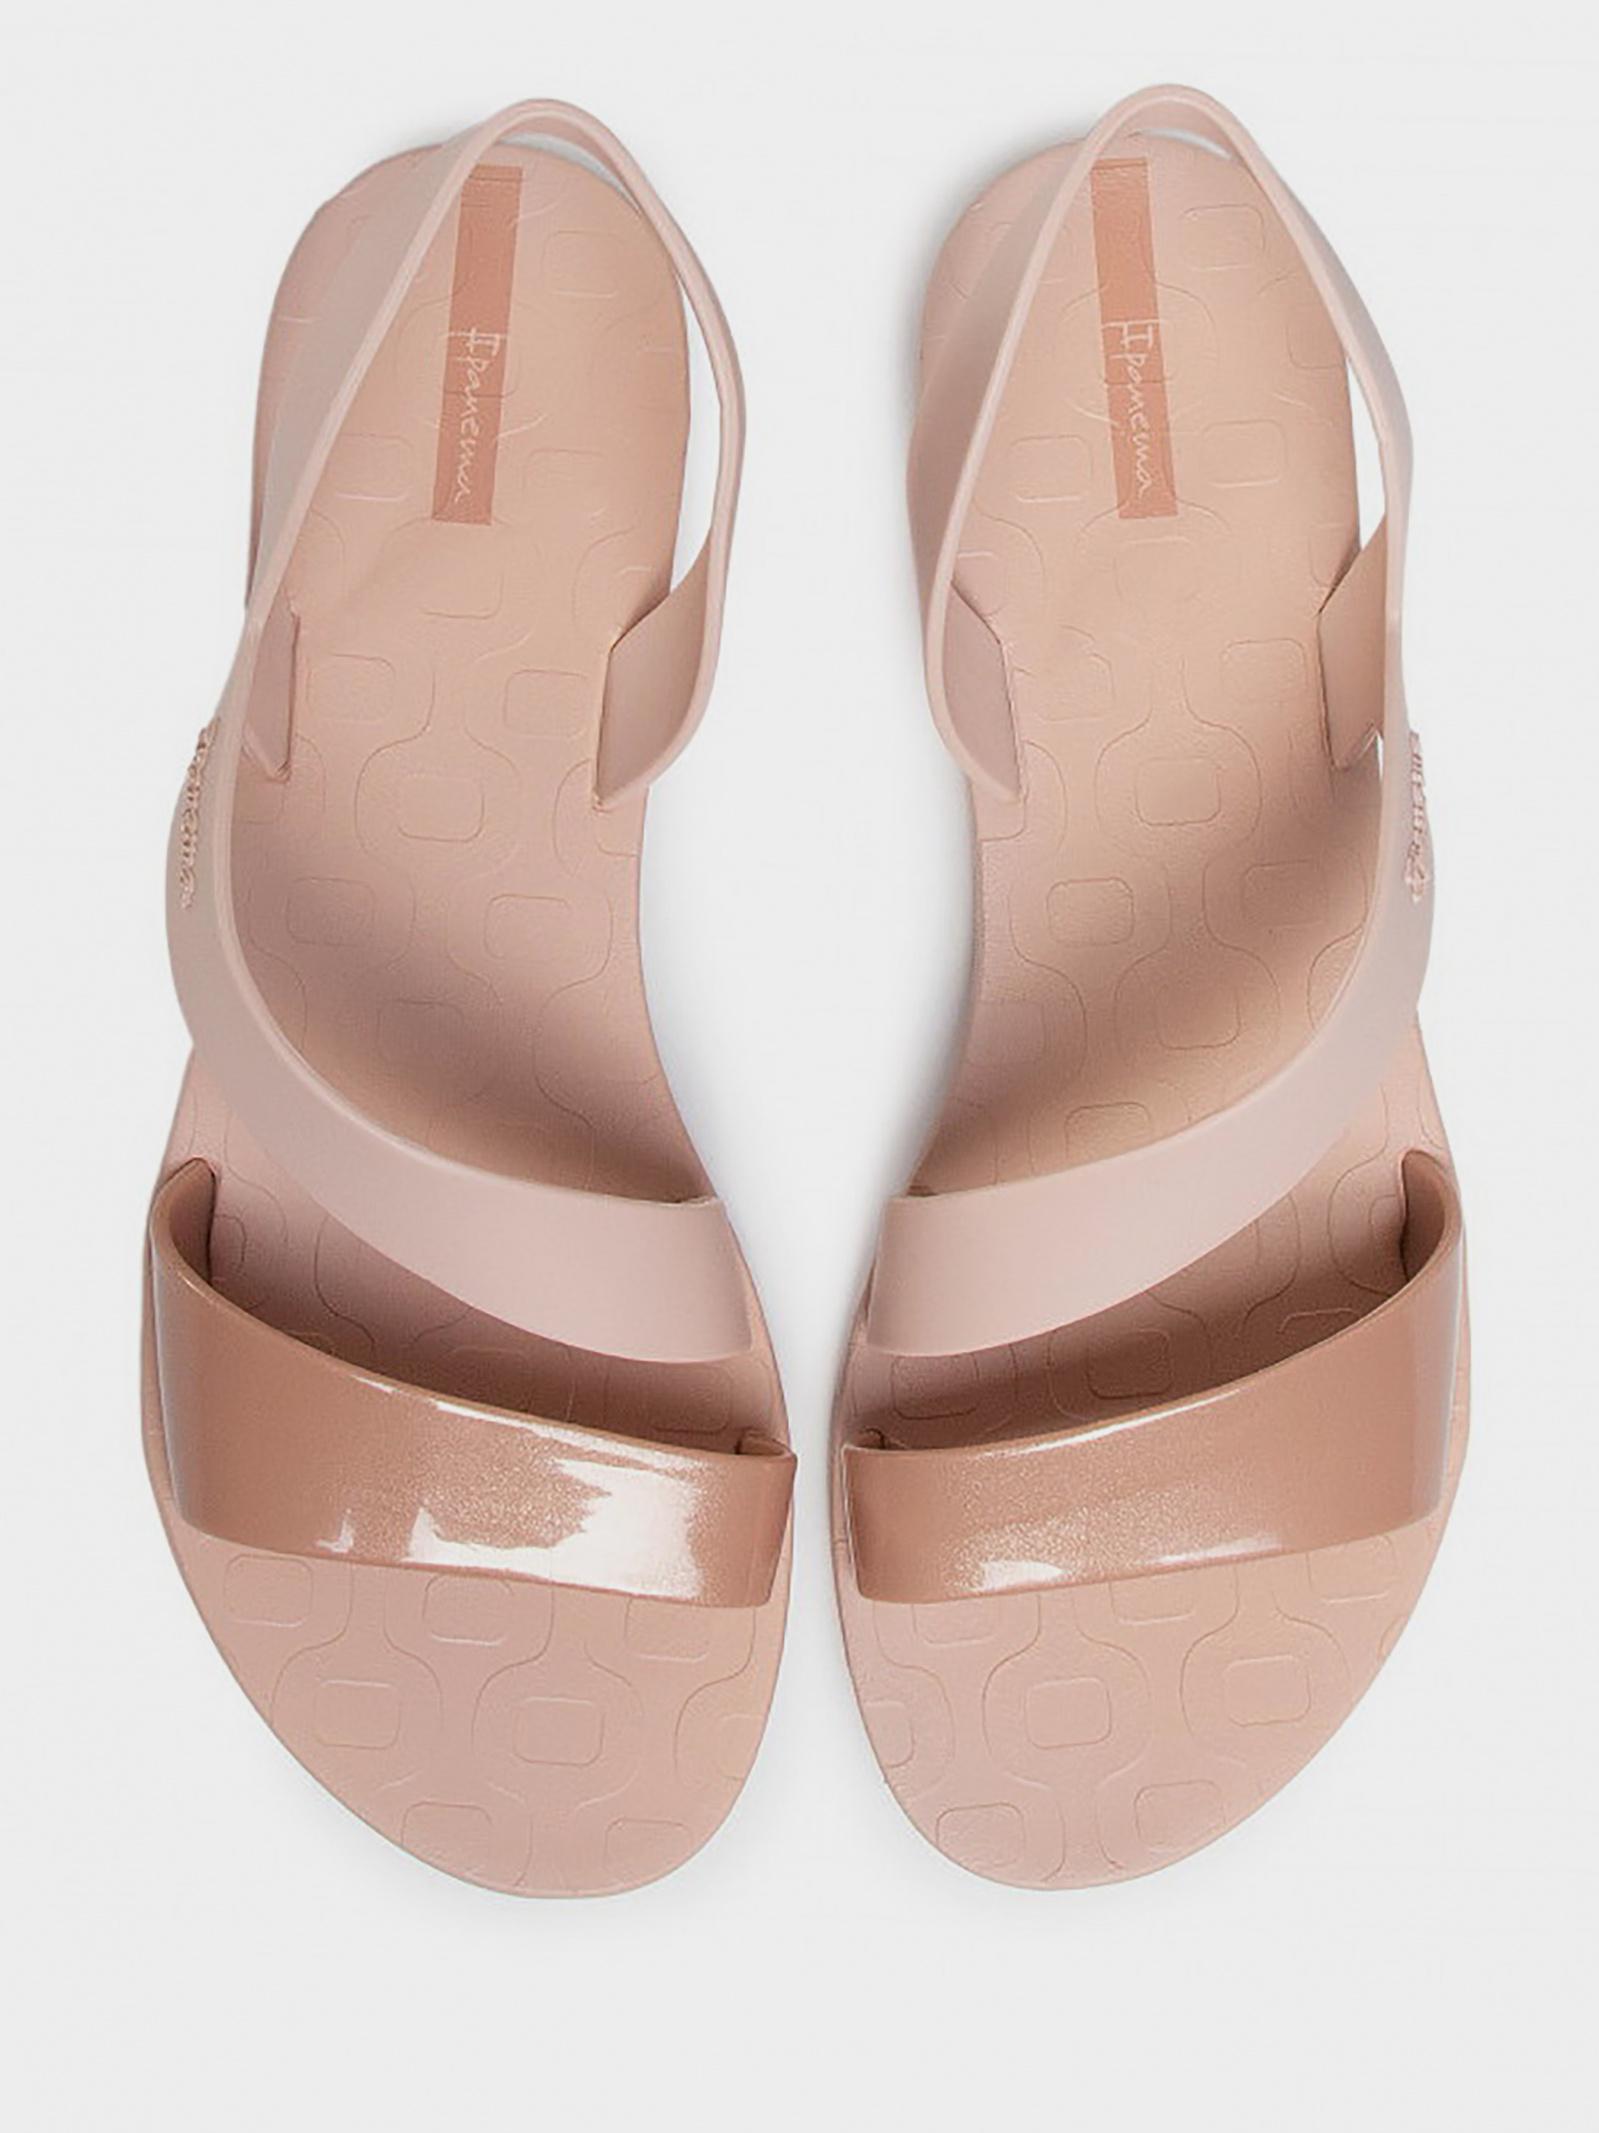 Сандалі  жіночі Ipanema 82429_24708 модне взуття, 2017